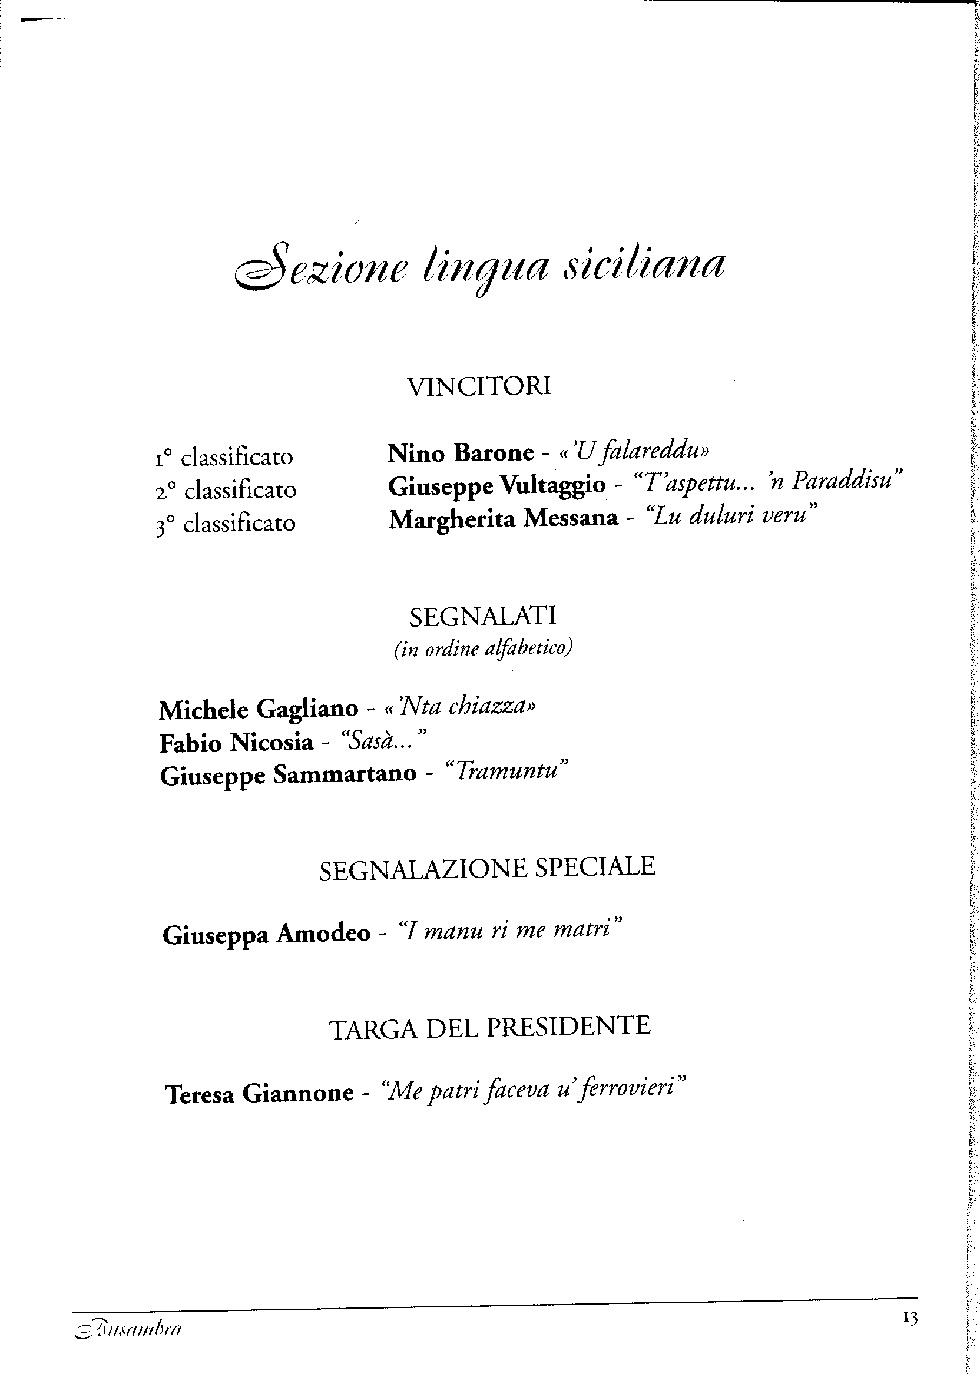 risultati-giardina-2008-2